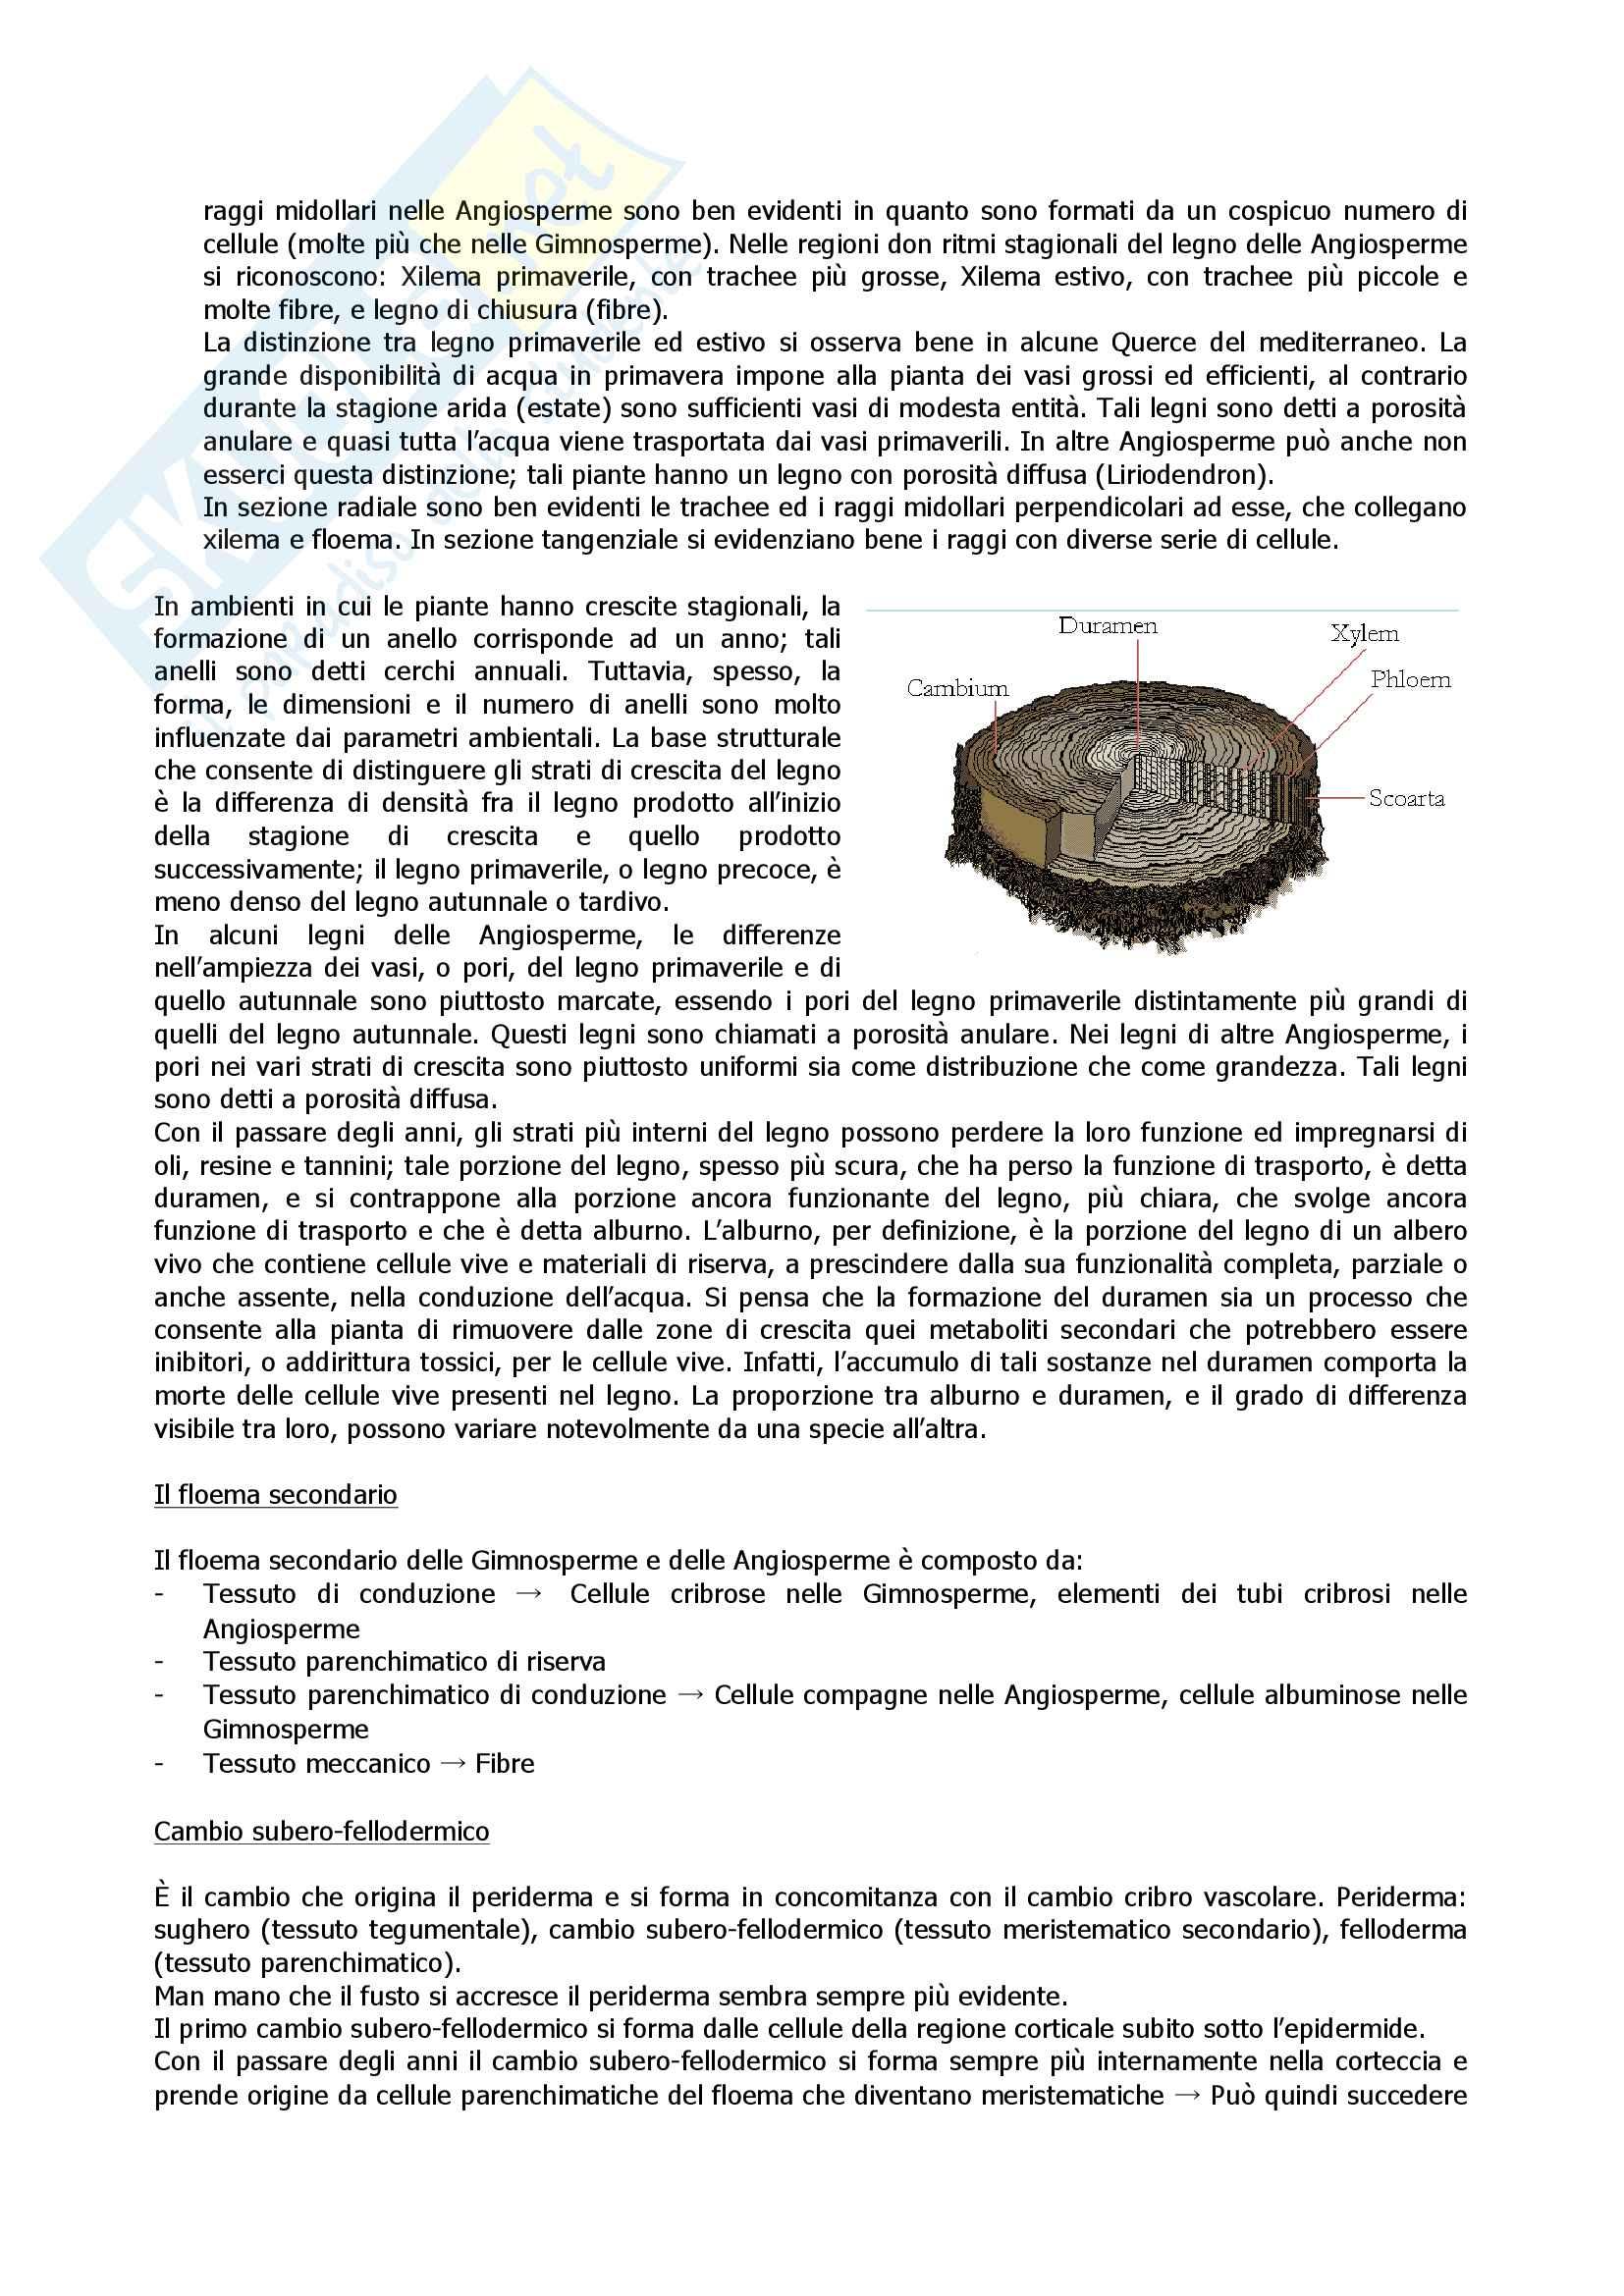 Botanica 2 Pag. 11